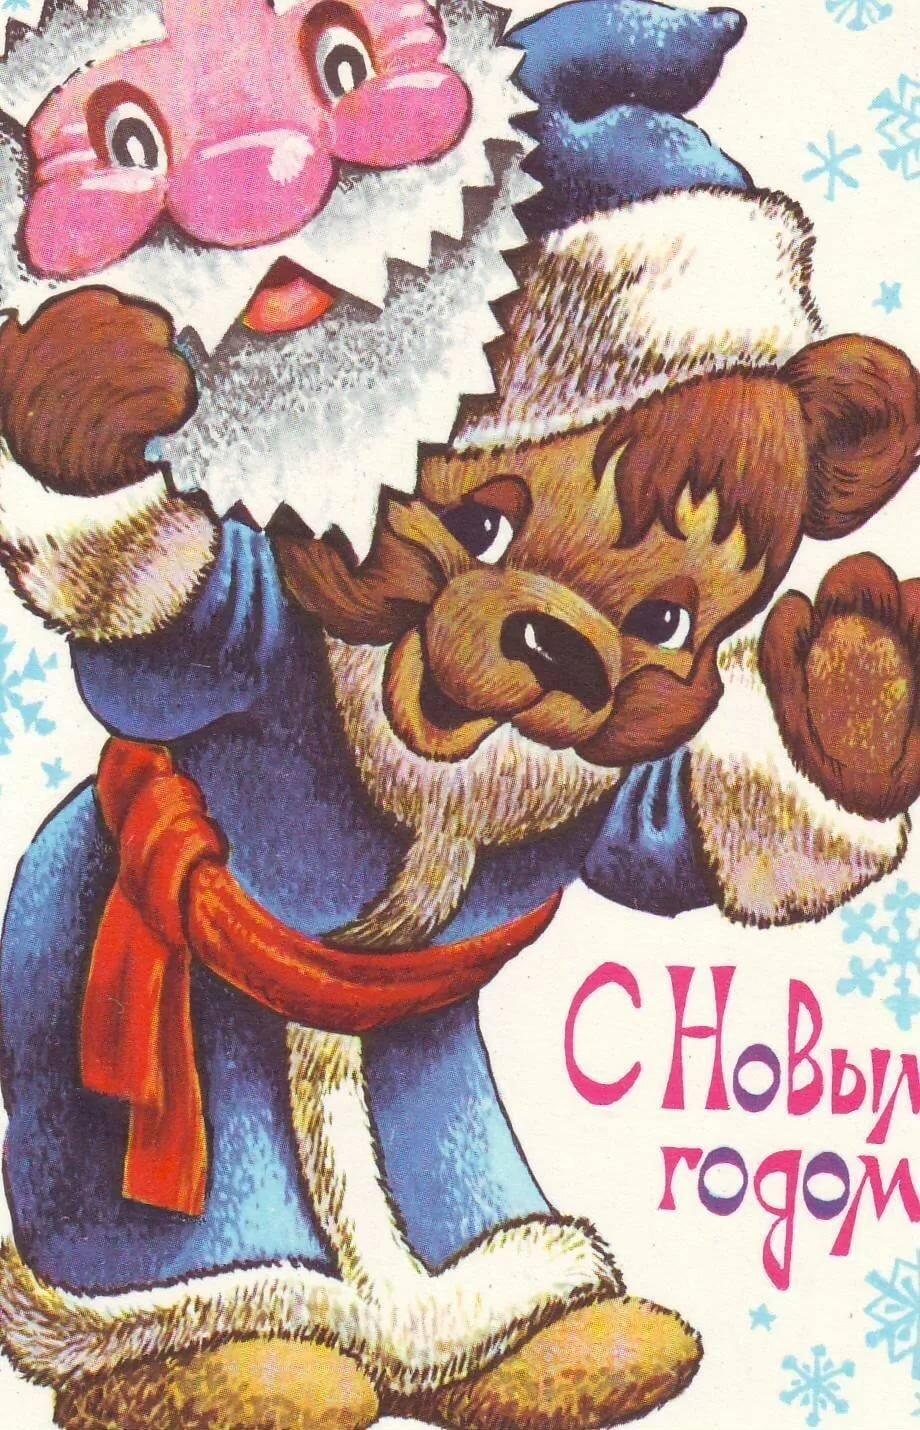 Открытки с новым годом из советских времен